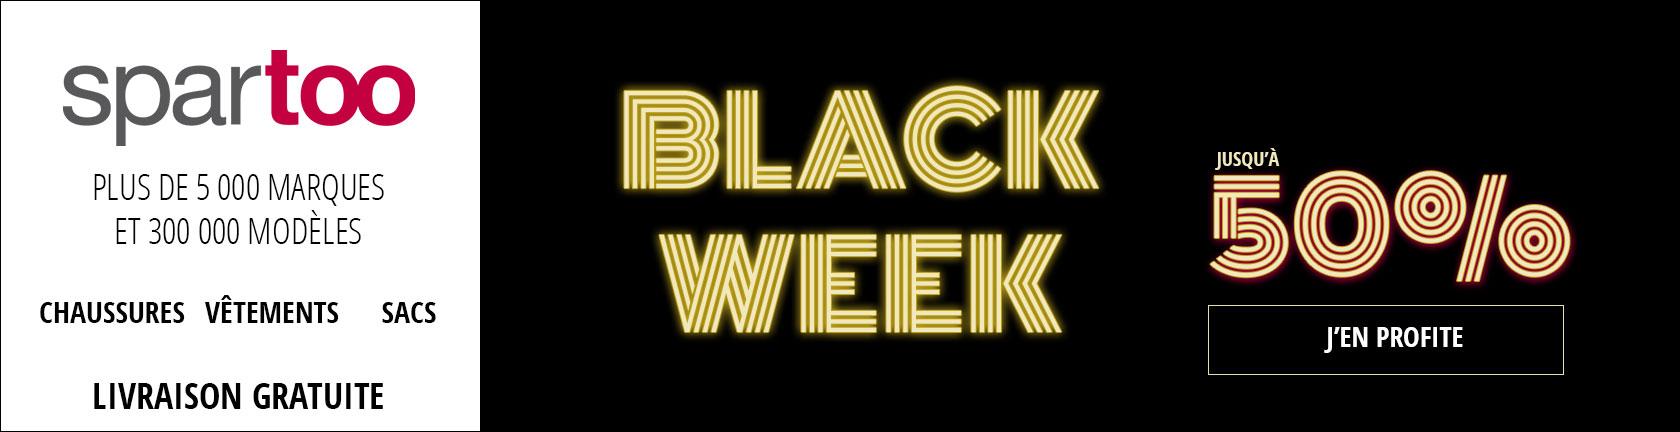 Spartoo plus de 5000 marques et 300000 modèles Black week -50%